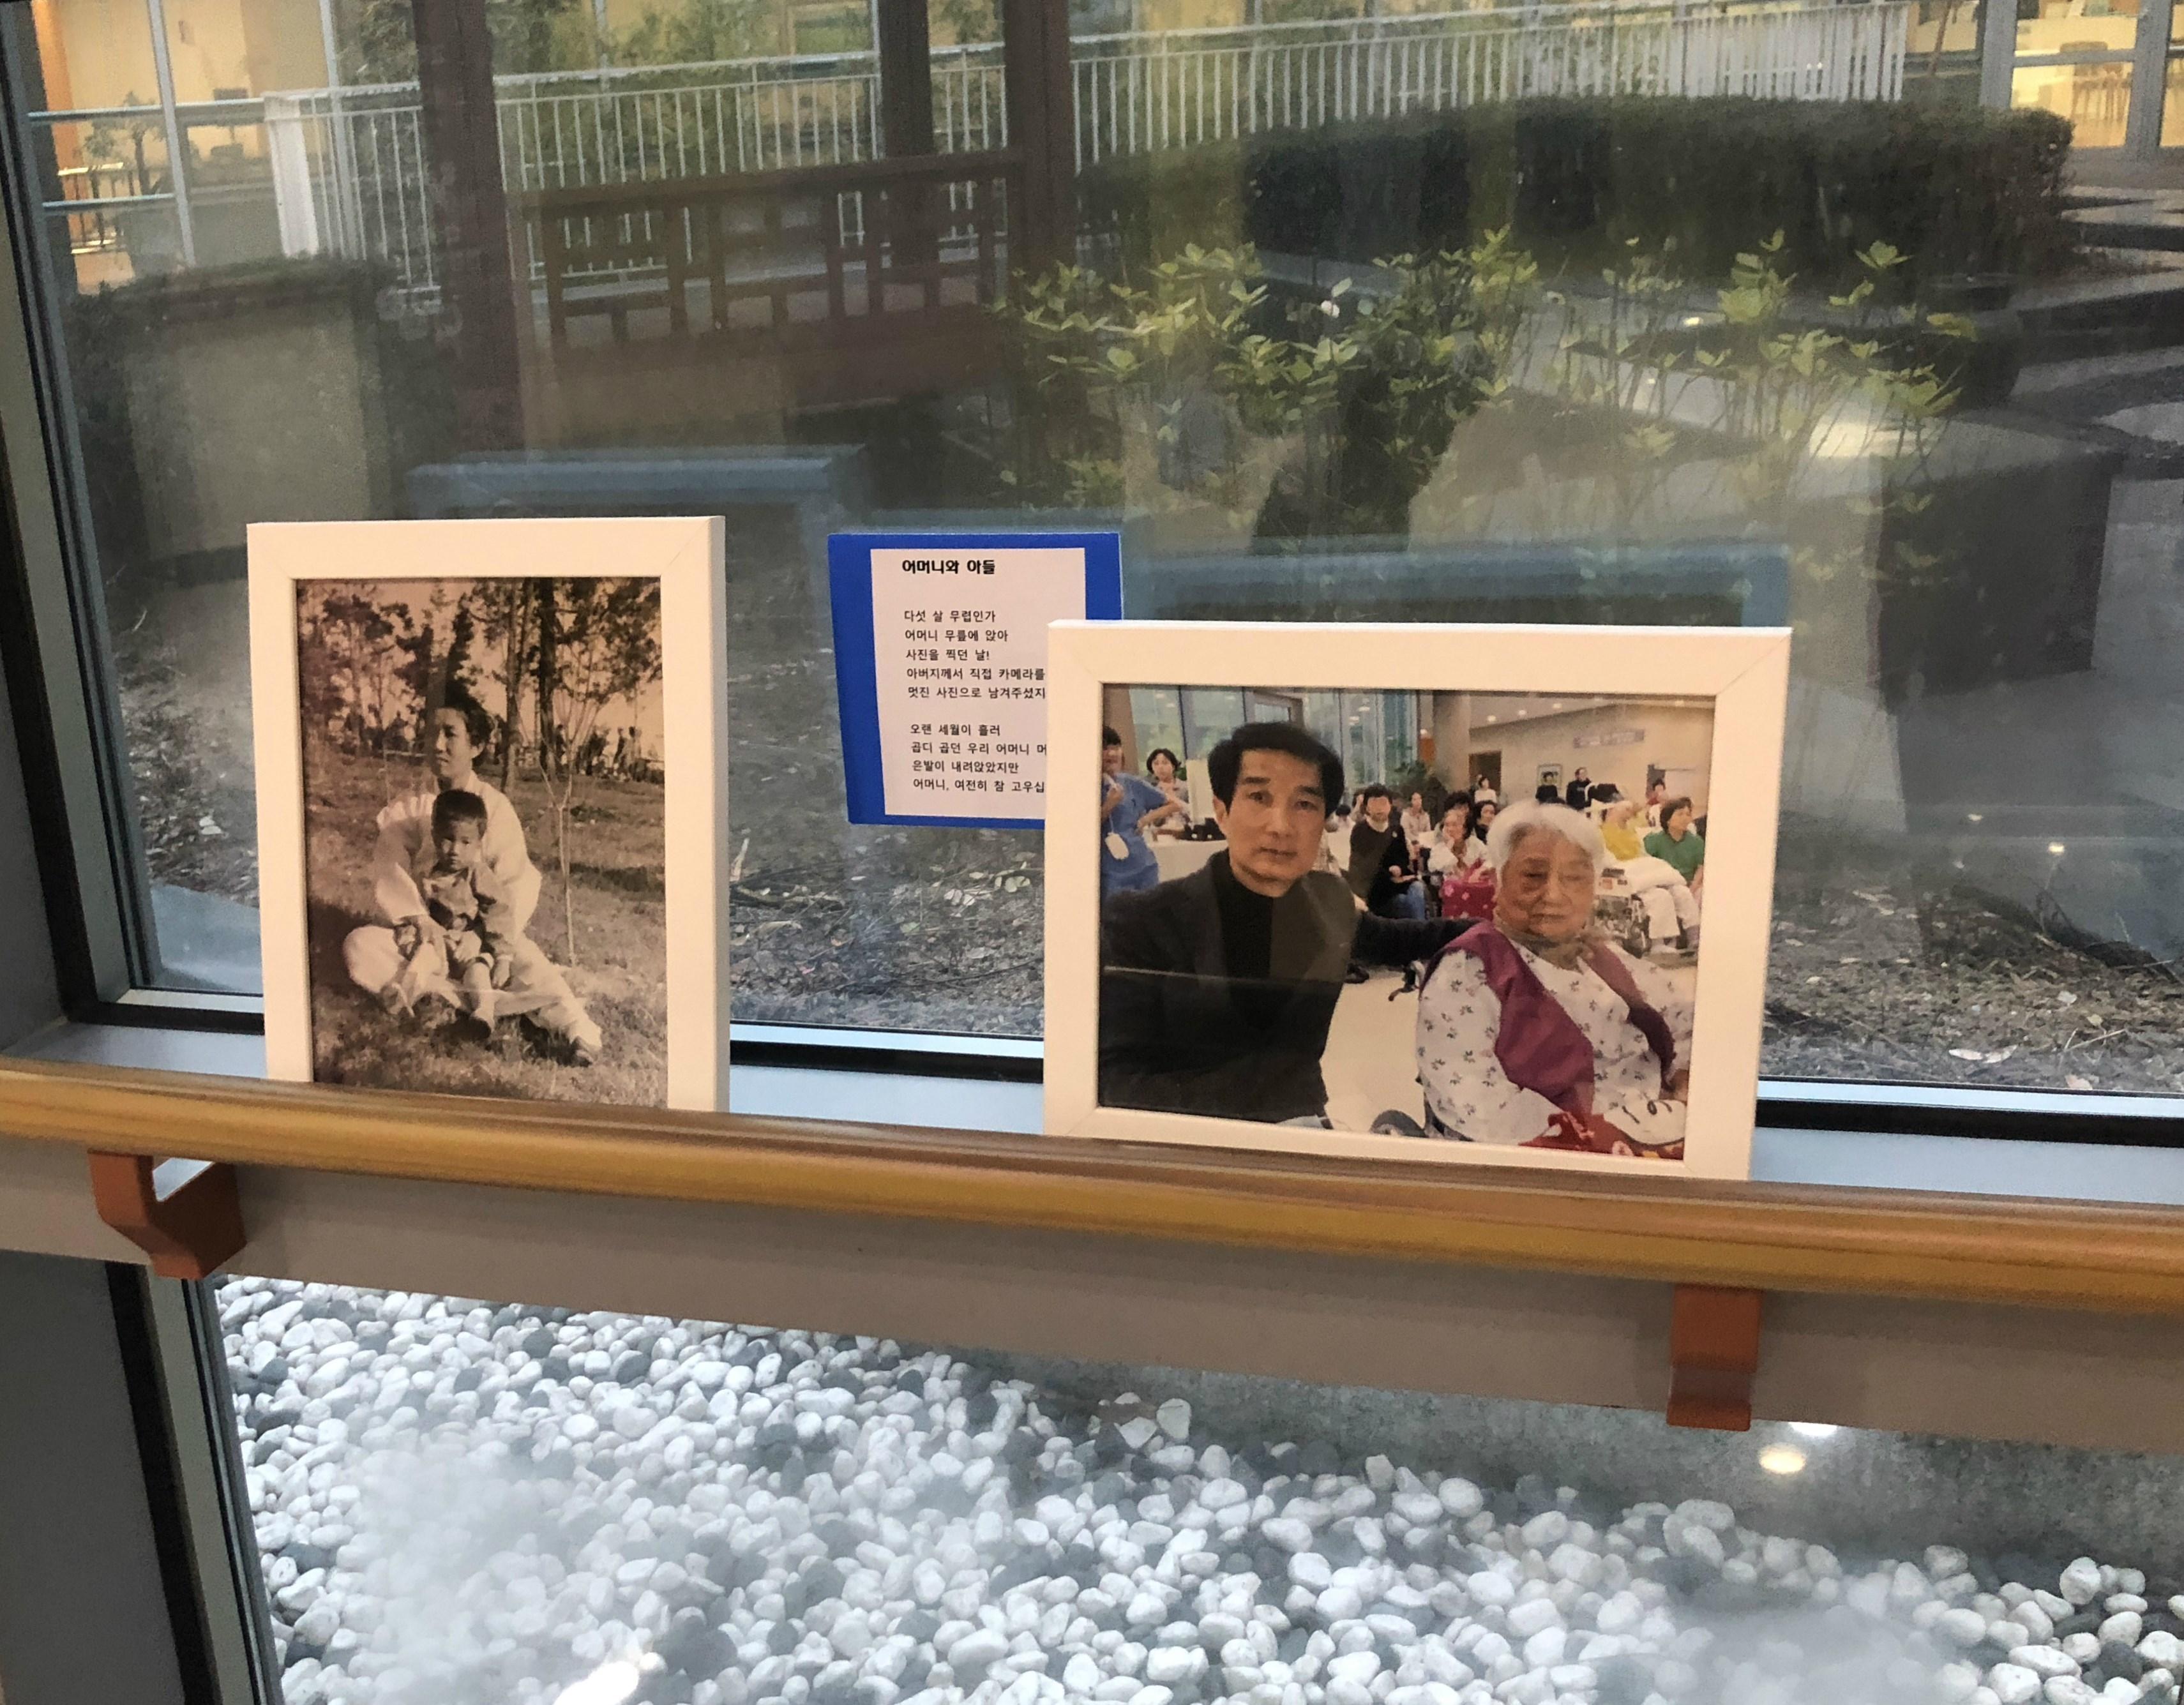 행복요양병원 '치매인식개선 사진전' 통해 전시하고 있는 '어머니와 아들' 작품 사진입니다.